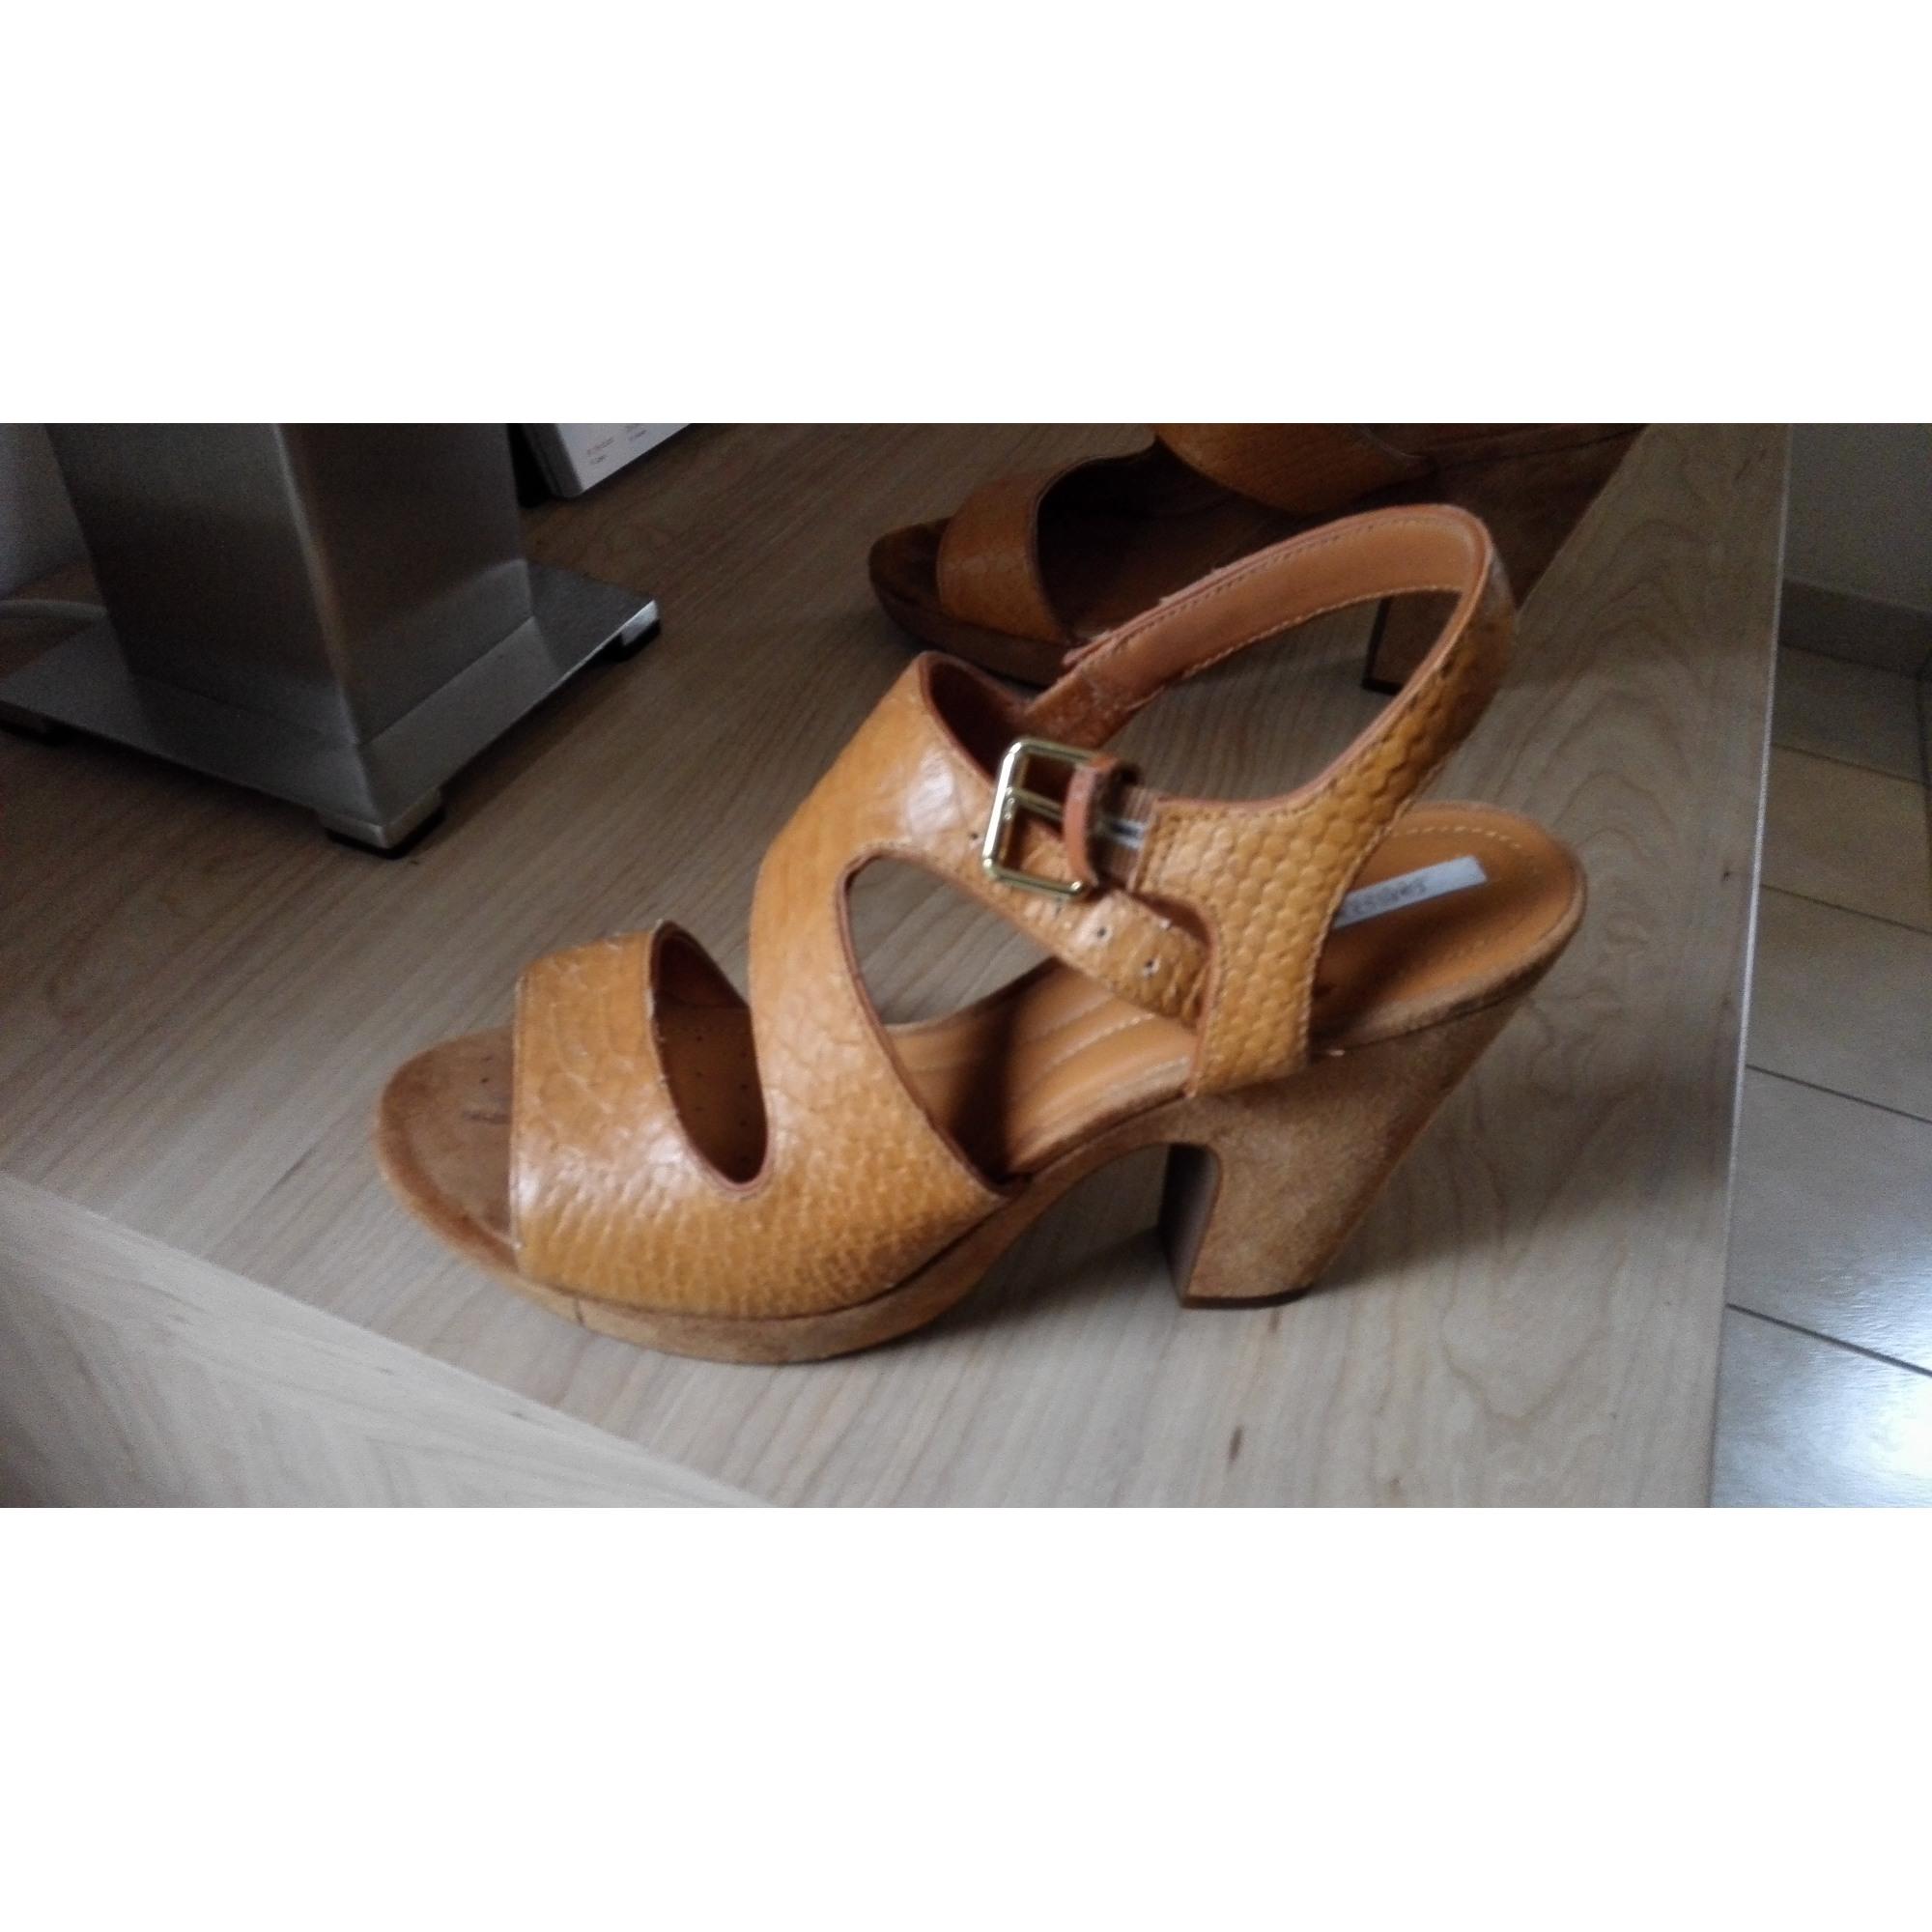 Sandales compensées GEOX 40 beige - 5935768 4aeee998ee12